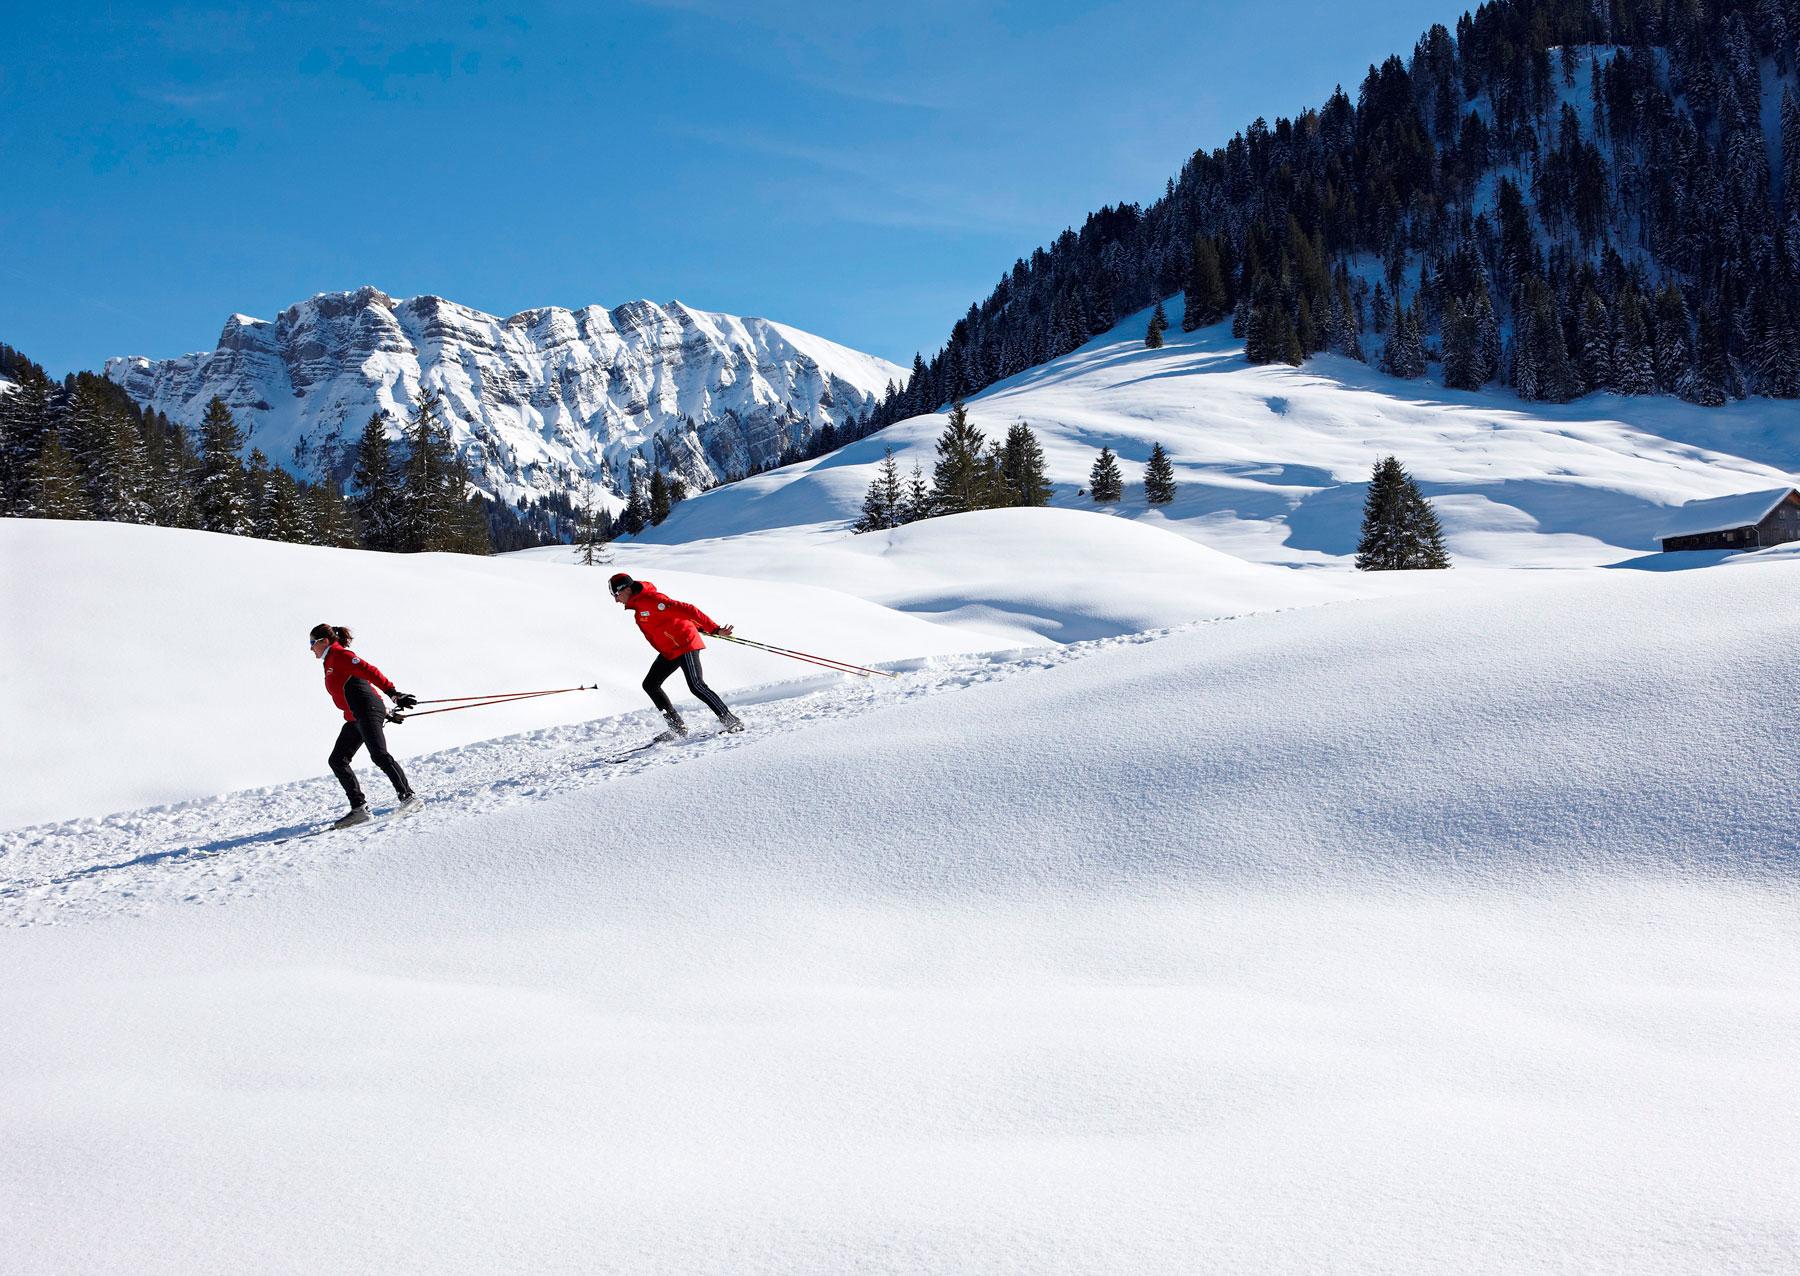 Langlaufen in Schönenbach